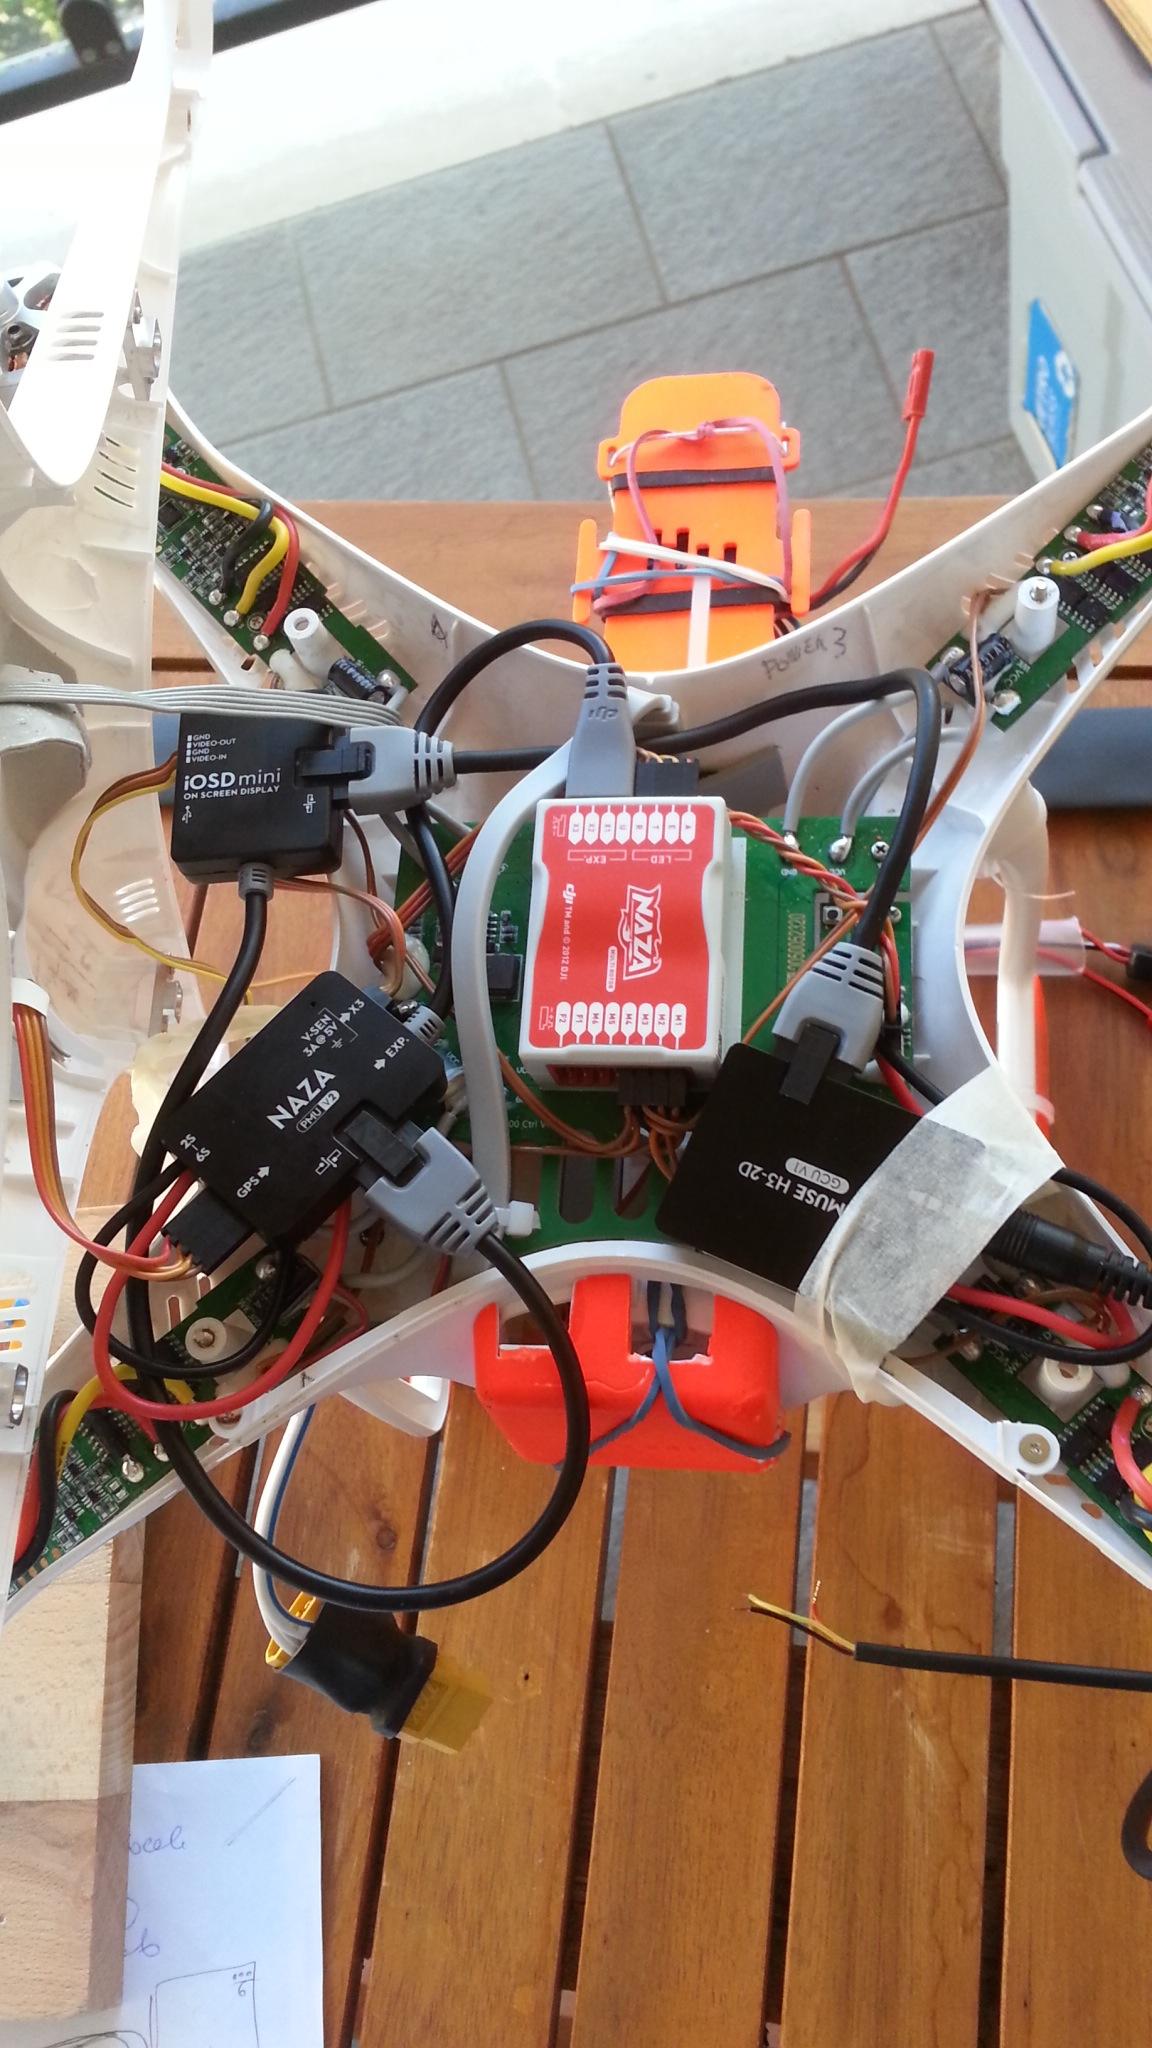 drone_gofly_iosd_naza_zenmuse